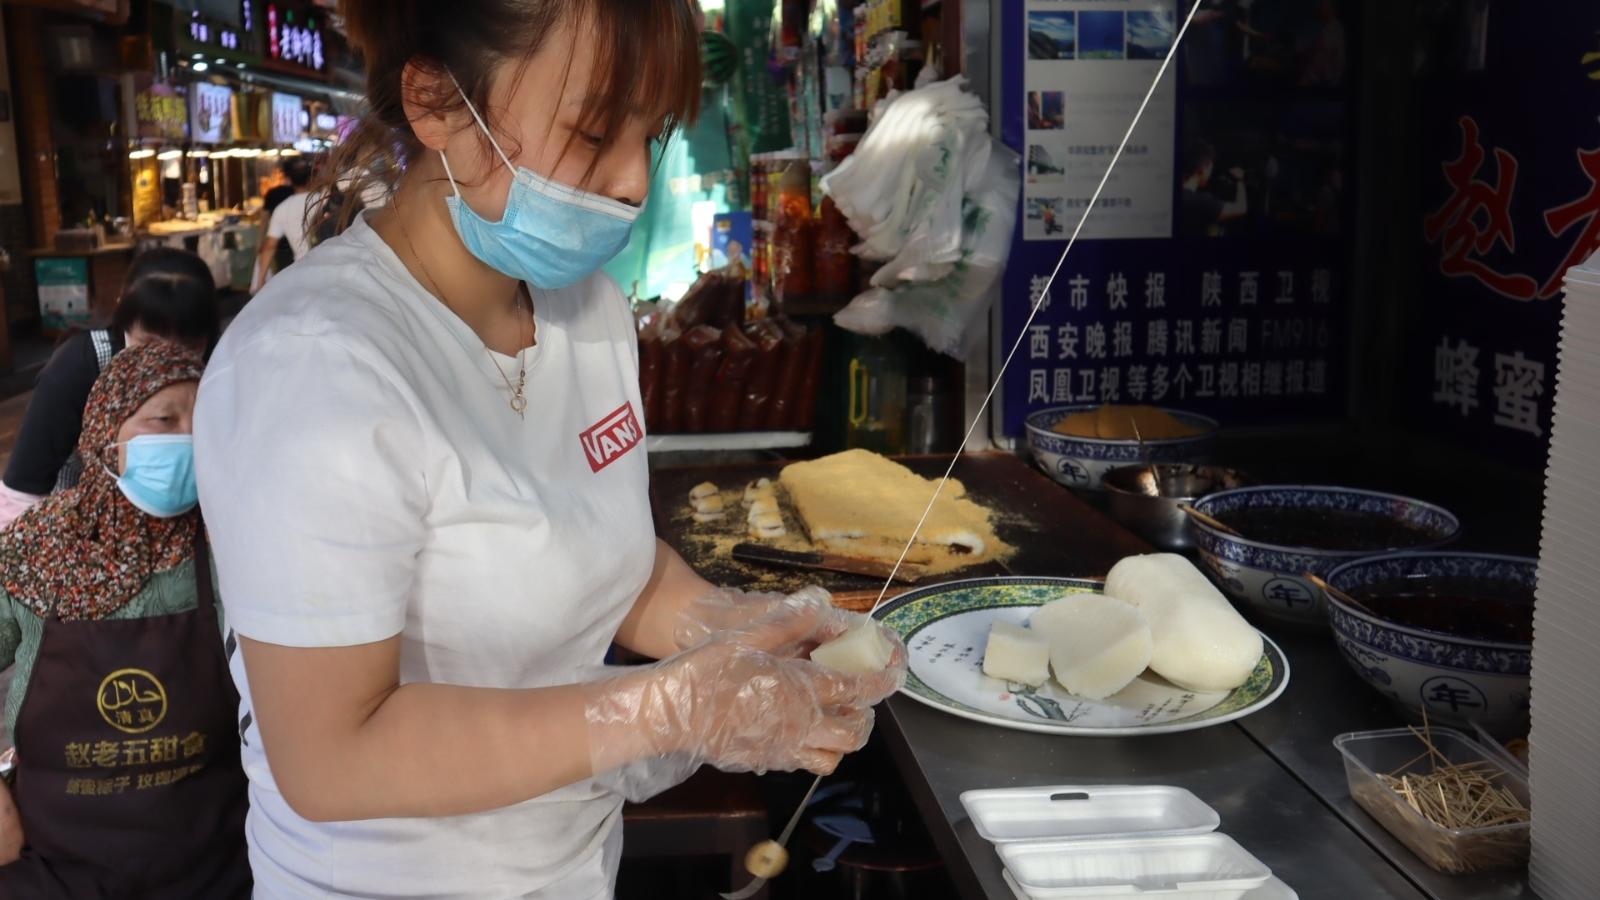 西安传奇甜食店,用一根绳子代替刀子,祖祖辈辈干了三代人!